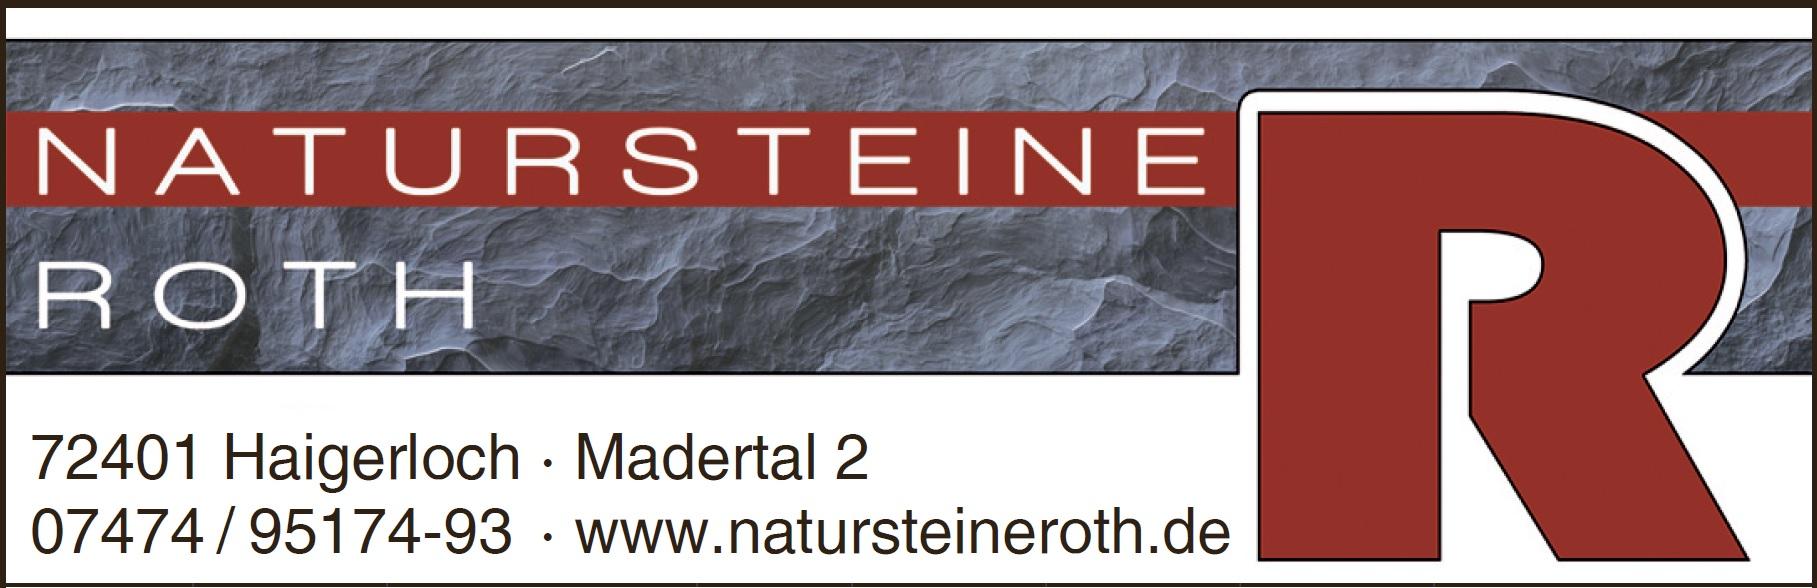 Natursteine-Roth